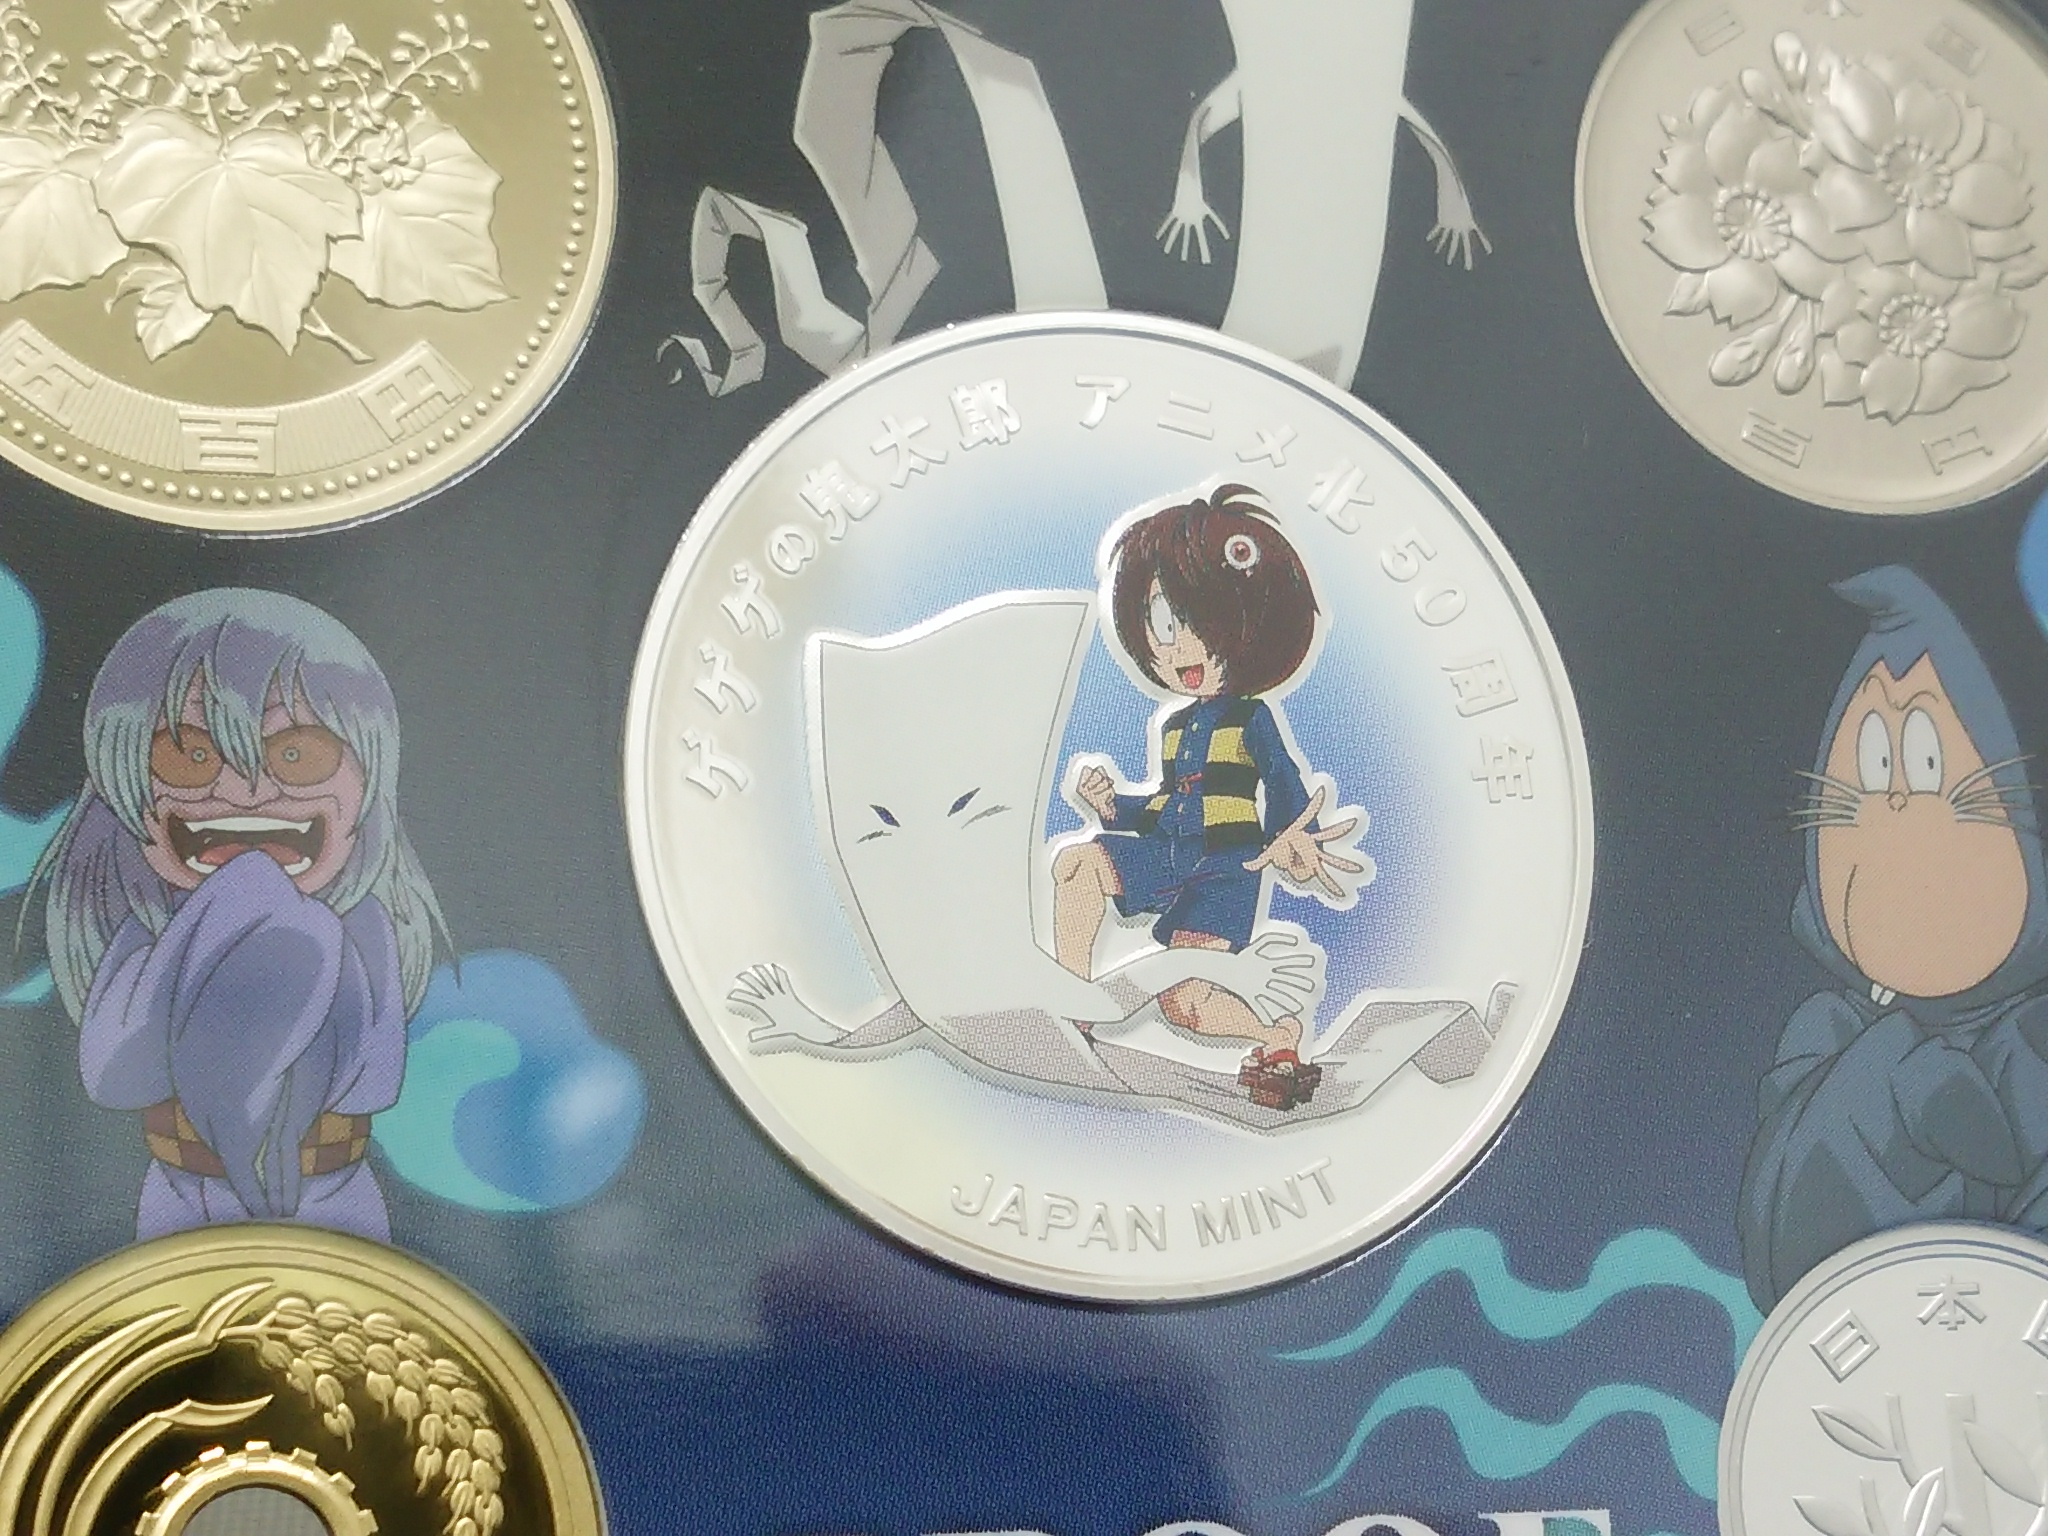 ゲゲゲの鬼太郎 アニメ化50周年 2018プルーフ貨幣セット を買取致し